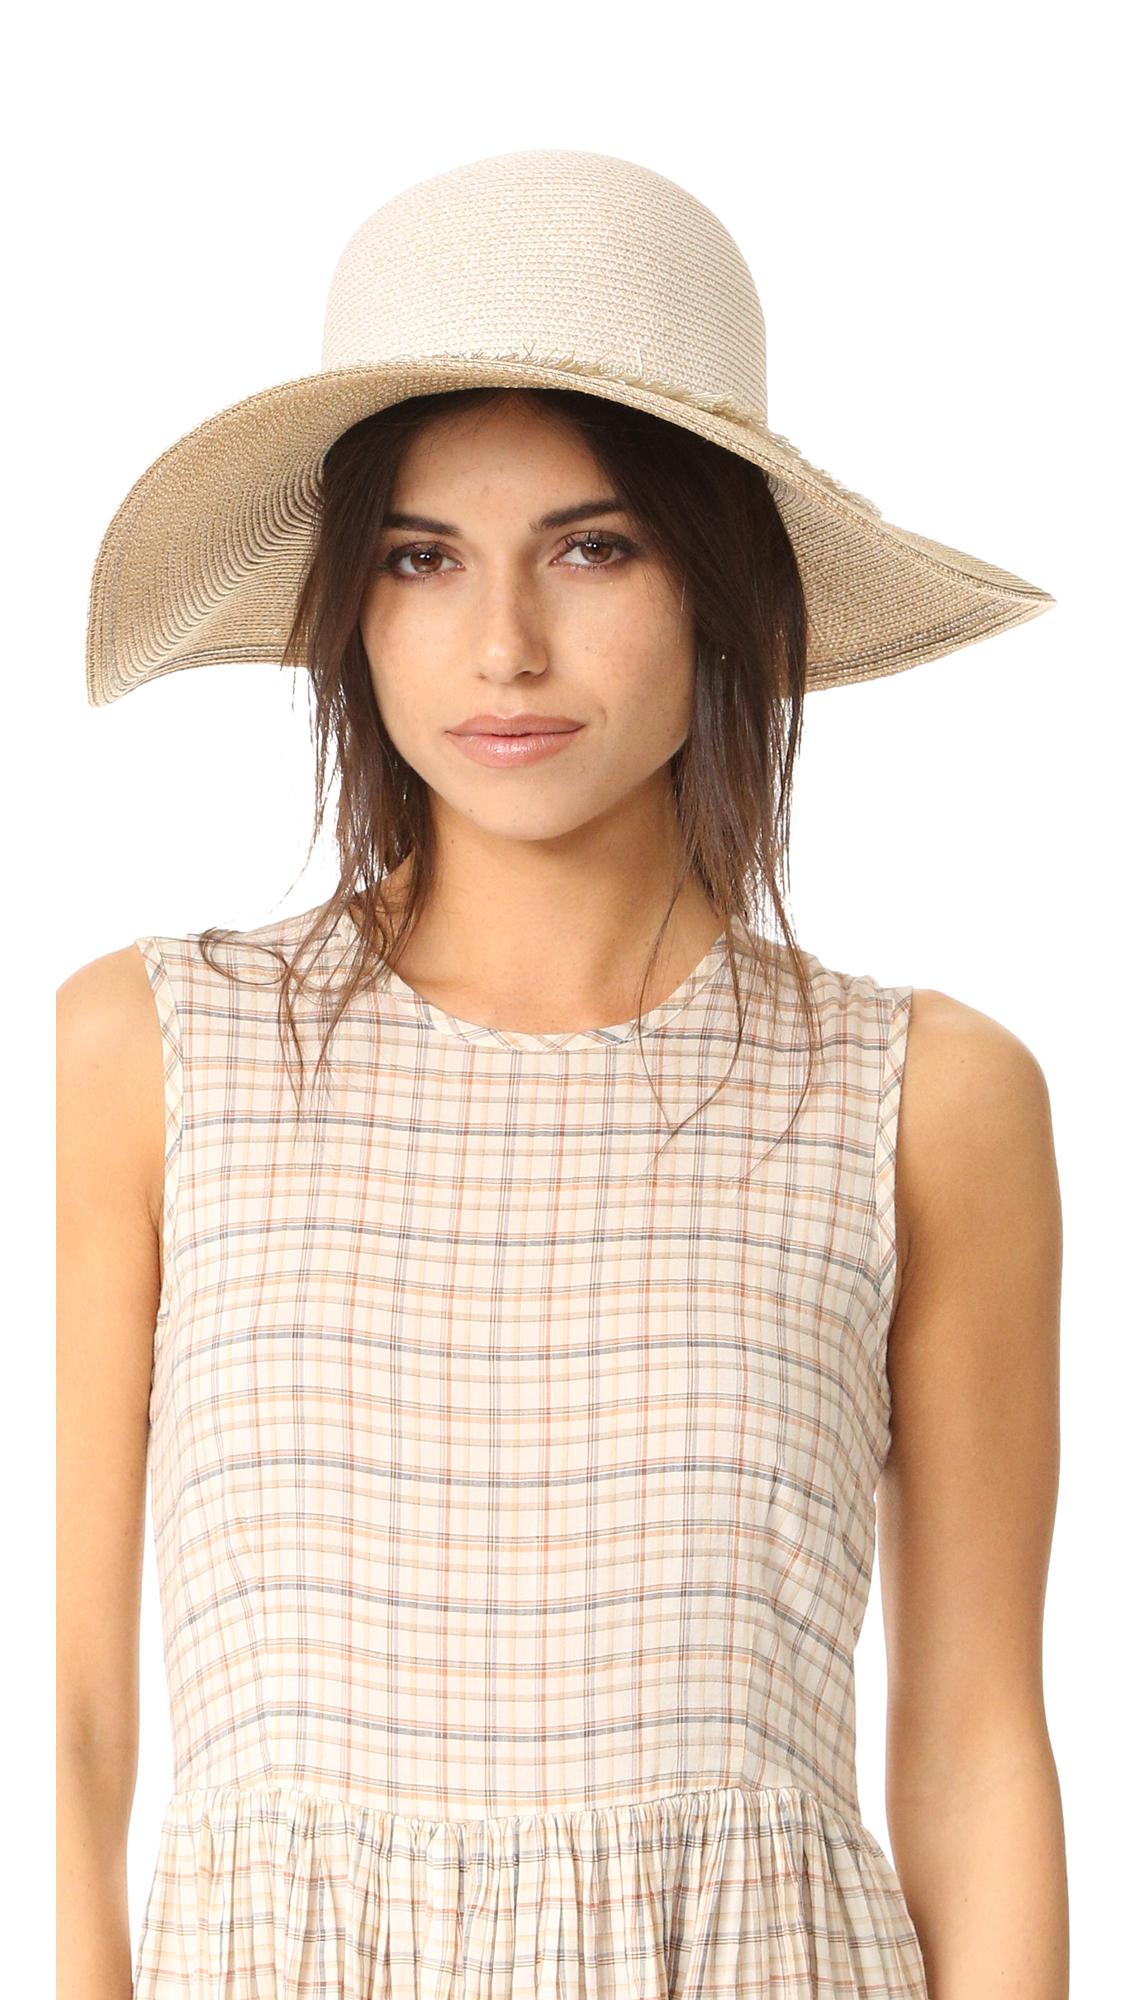 Eugenia Kim Honey Hat - Bone/Sand at Shopbop